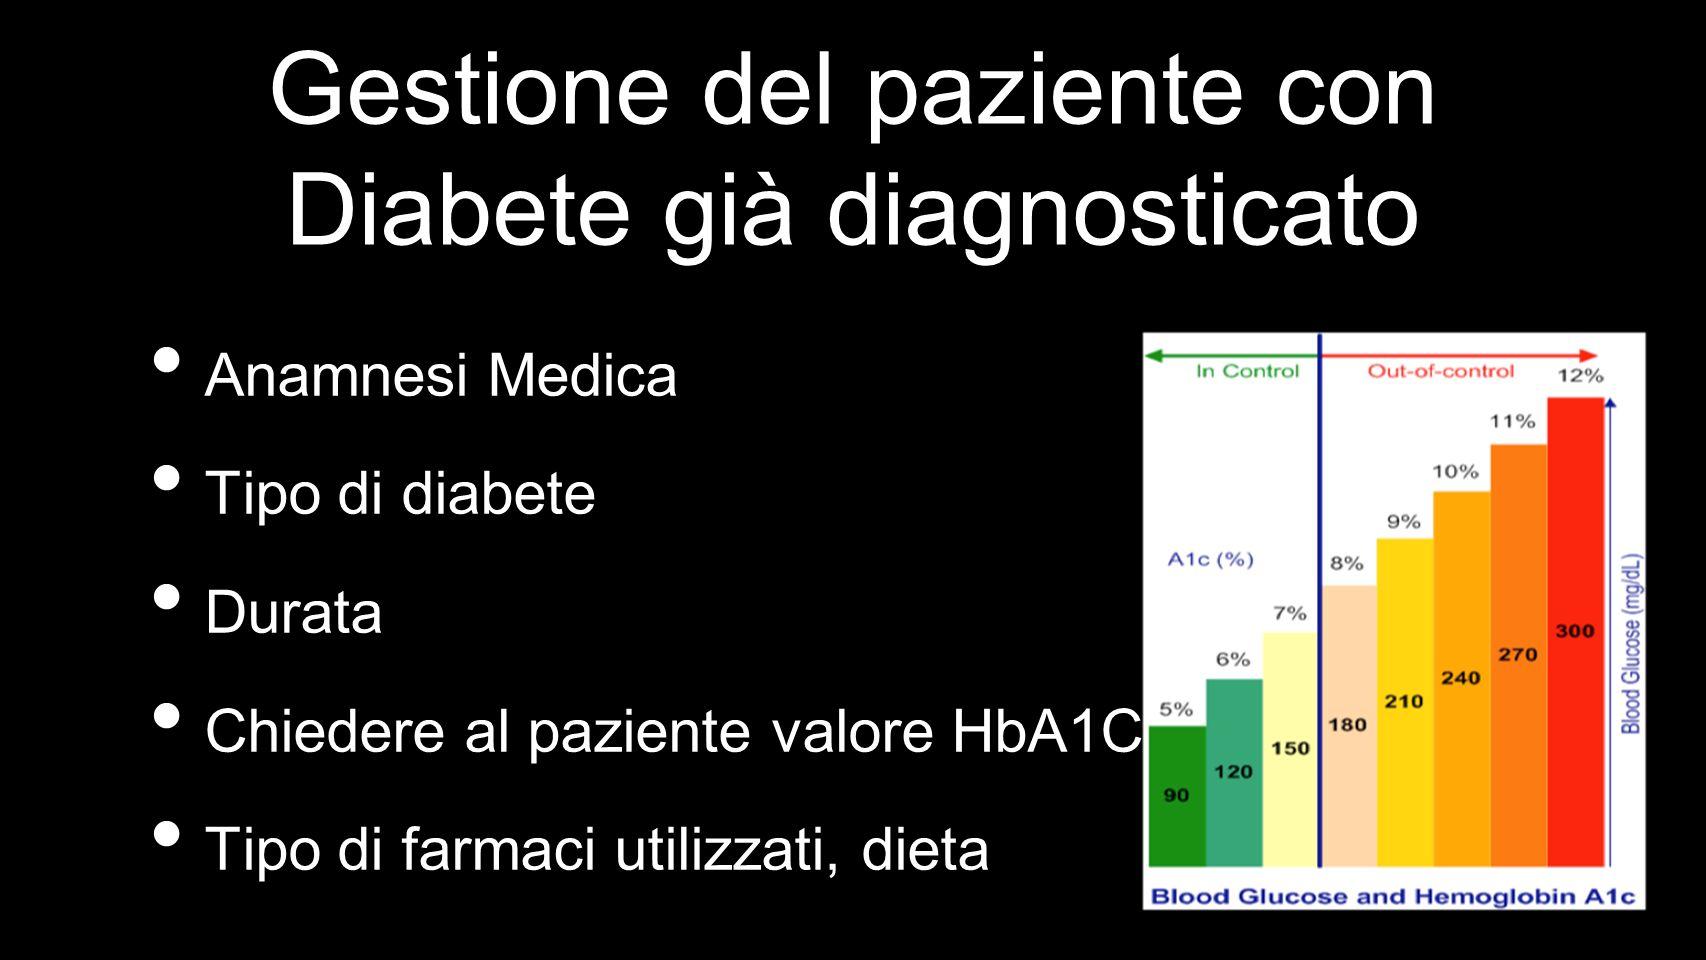 Gestione del paziente con Diabete già diagnosticato Anamnesi Medica Tipo di diabete Durata Chiedere al paziente valore HbA1C Tipo di farmaci utilizzat